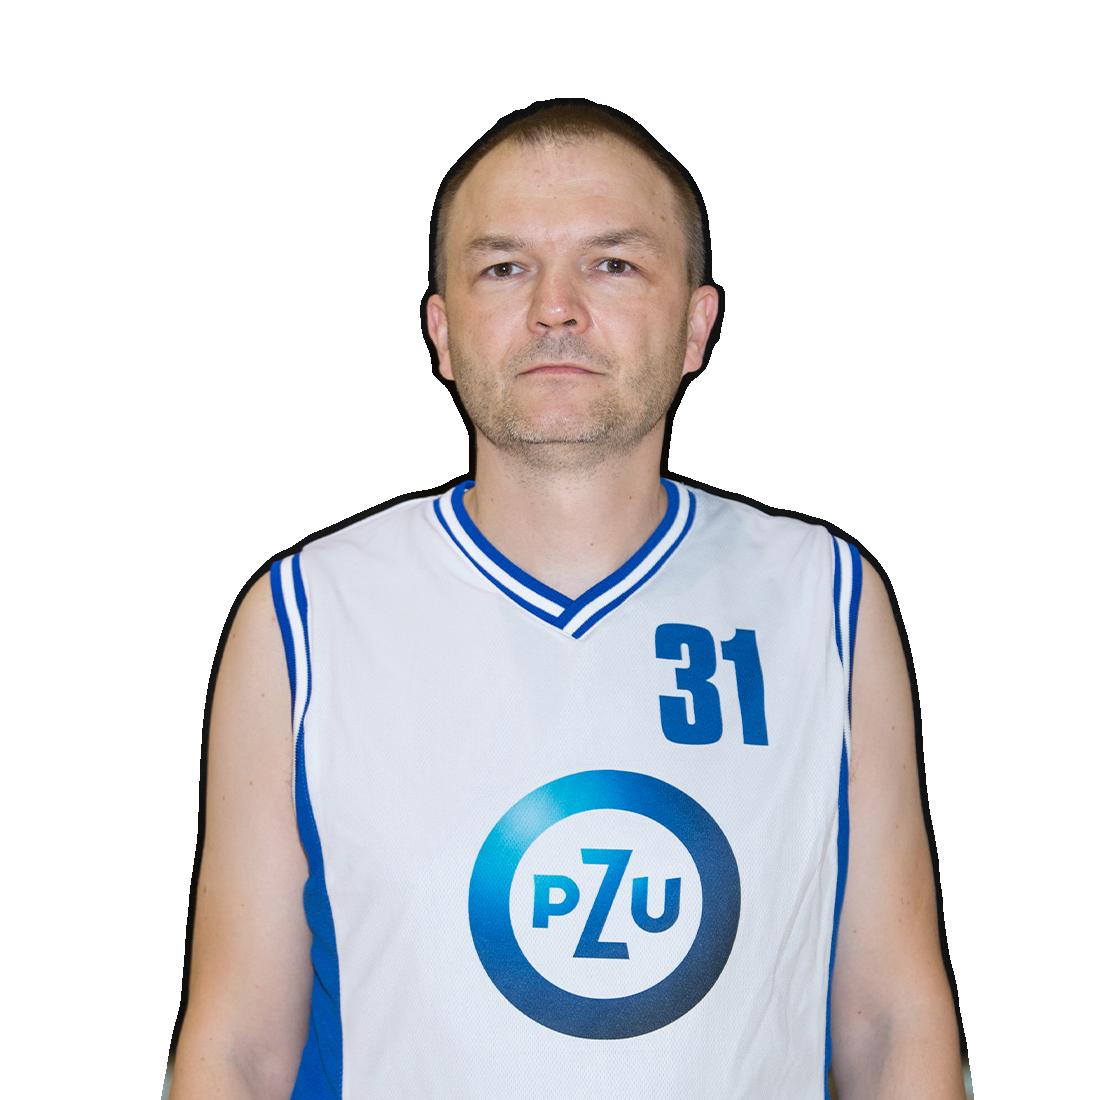 Rafał Grażka